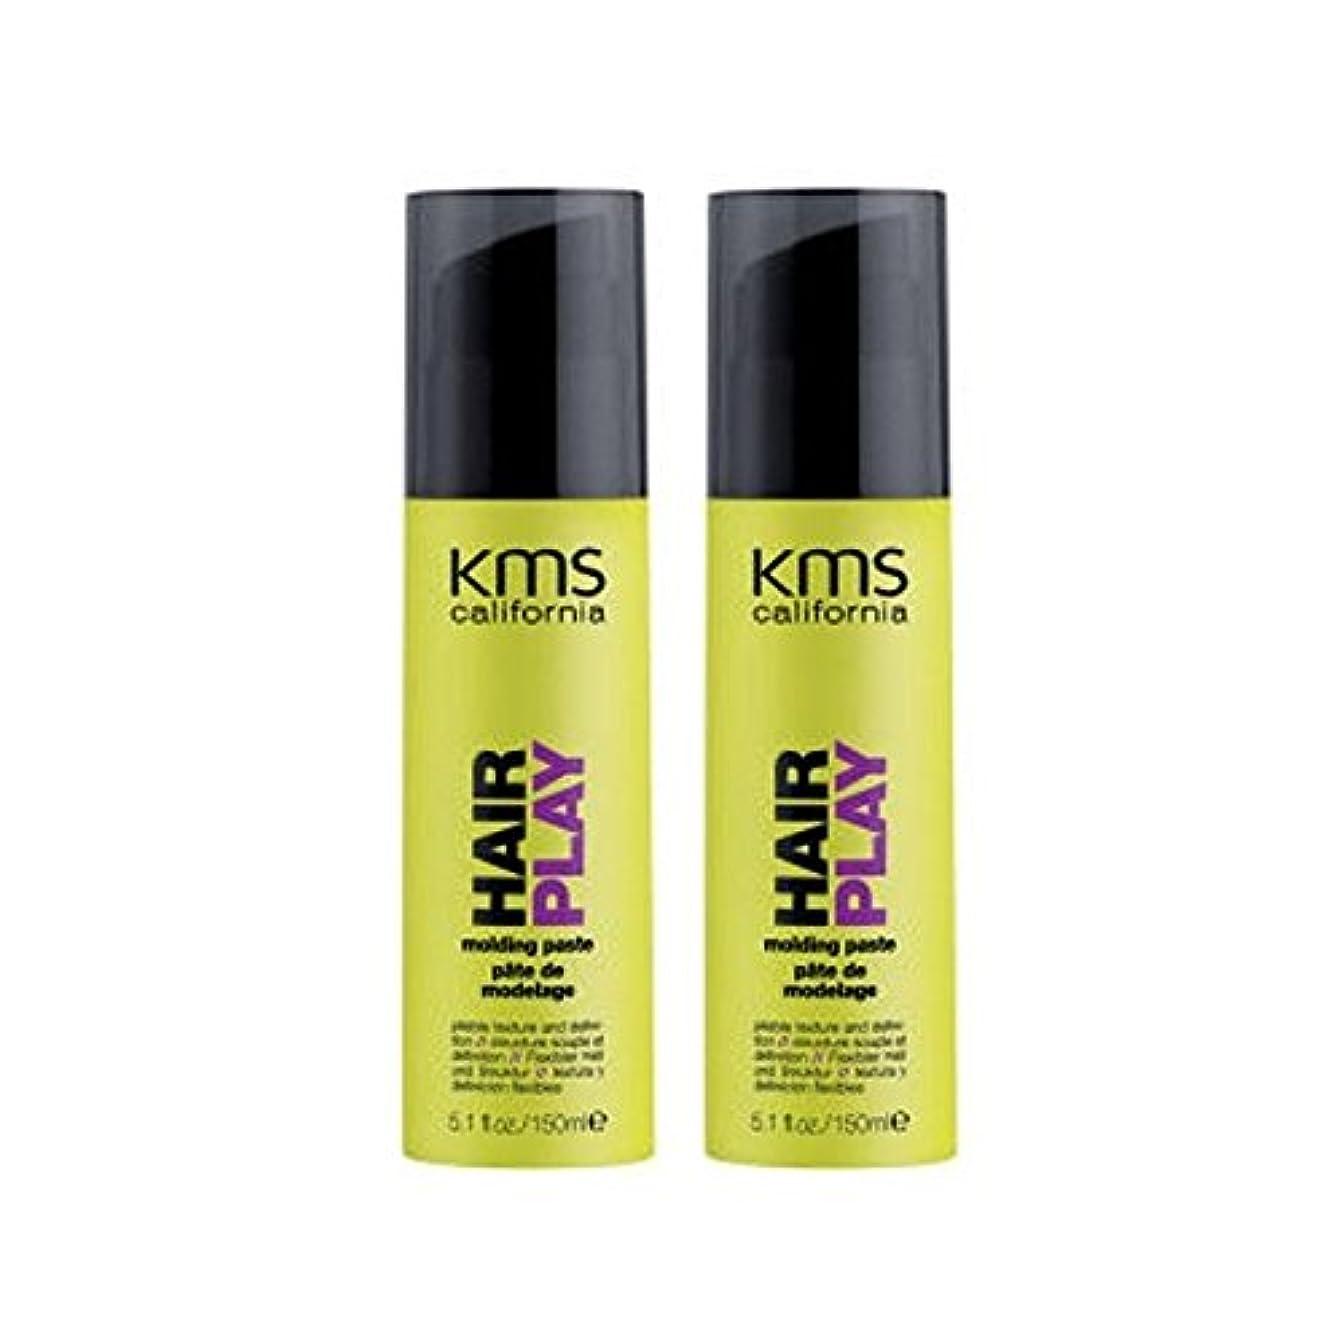 生理メルボルン奨励Kms California Hairplay Molding Paste Duo - カリフォルニア成形ペーストデュオを [並行輸入品]